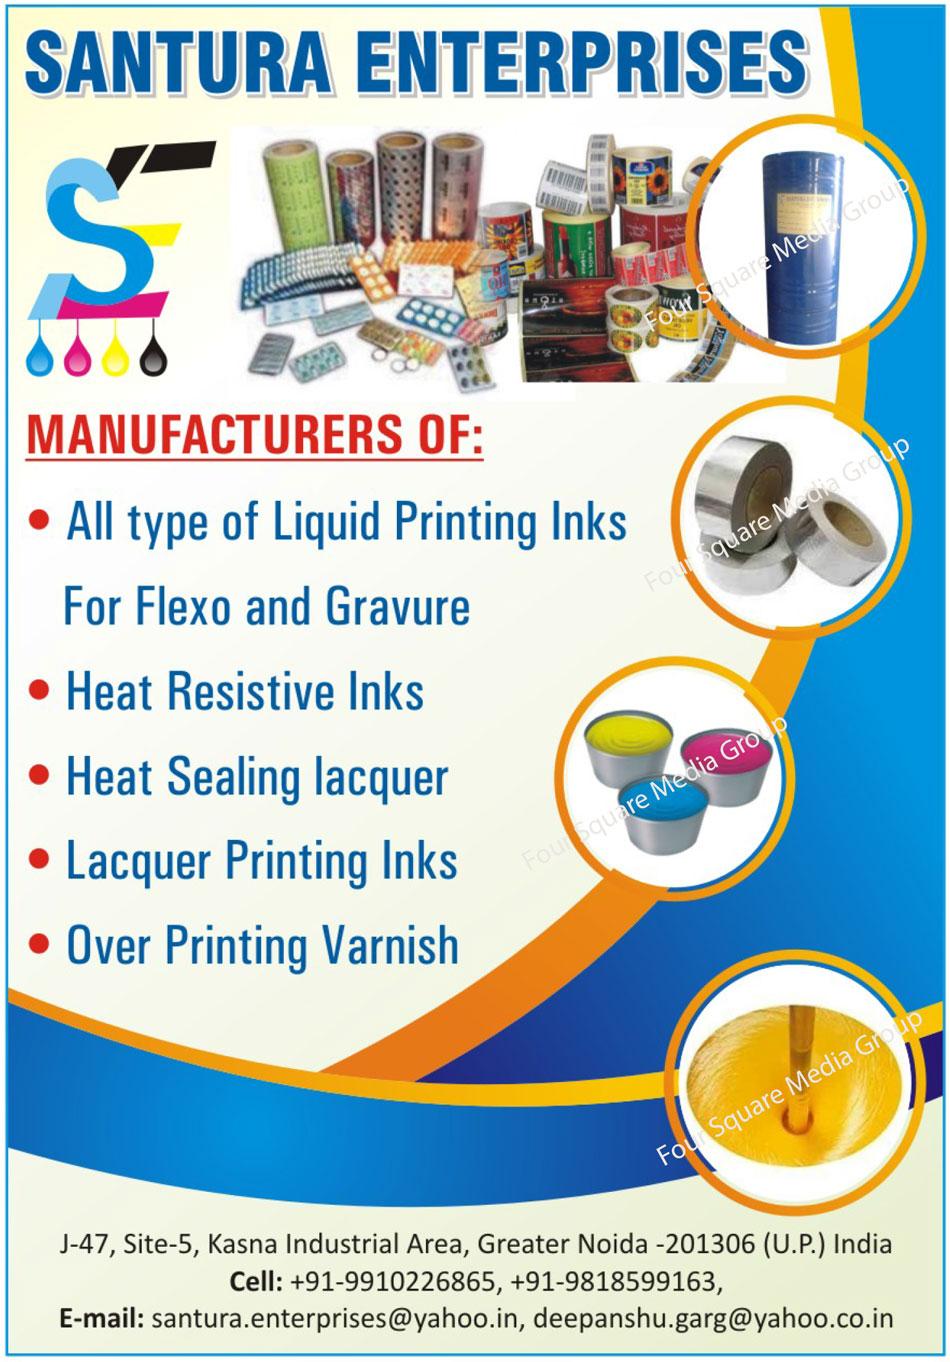 Liquid Printing Inks, Heat Resistant Inks, Heat Sealing Lacquer, Lacquer Printing Inks, Over Printing Varnish